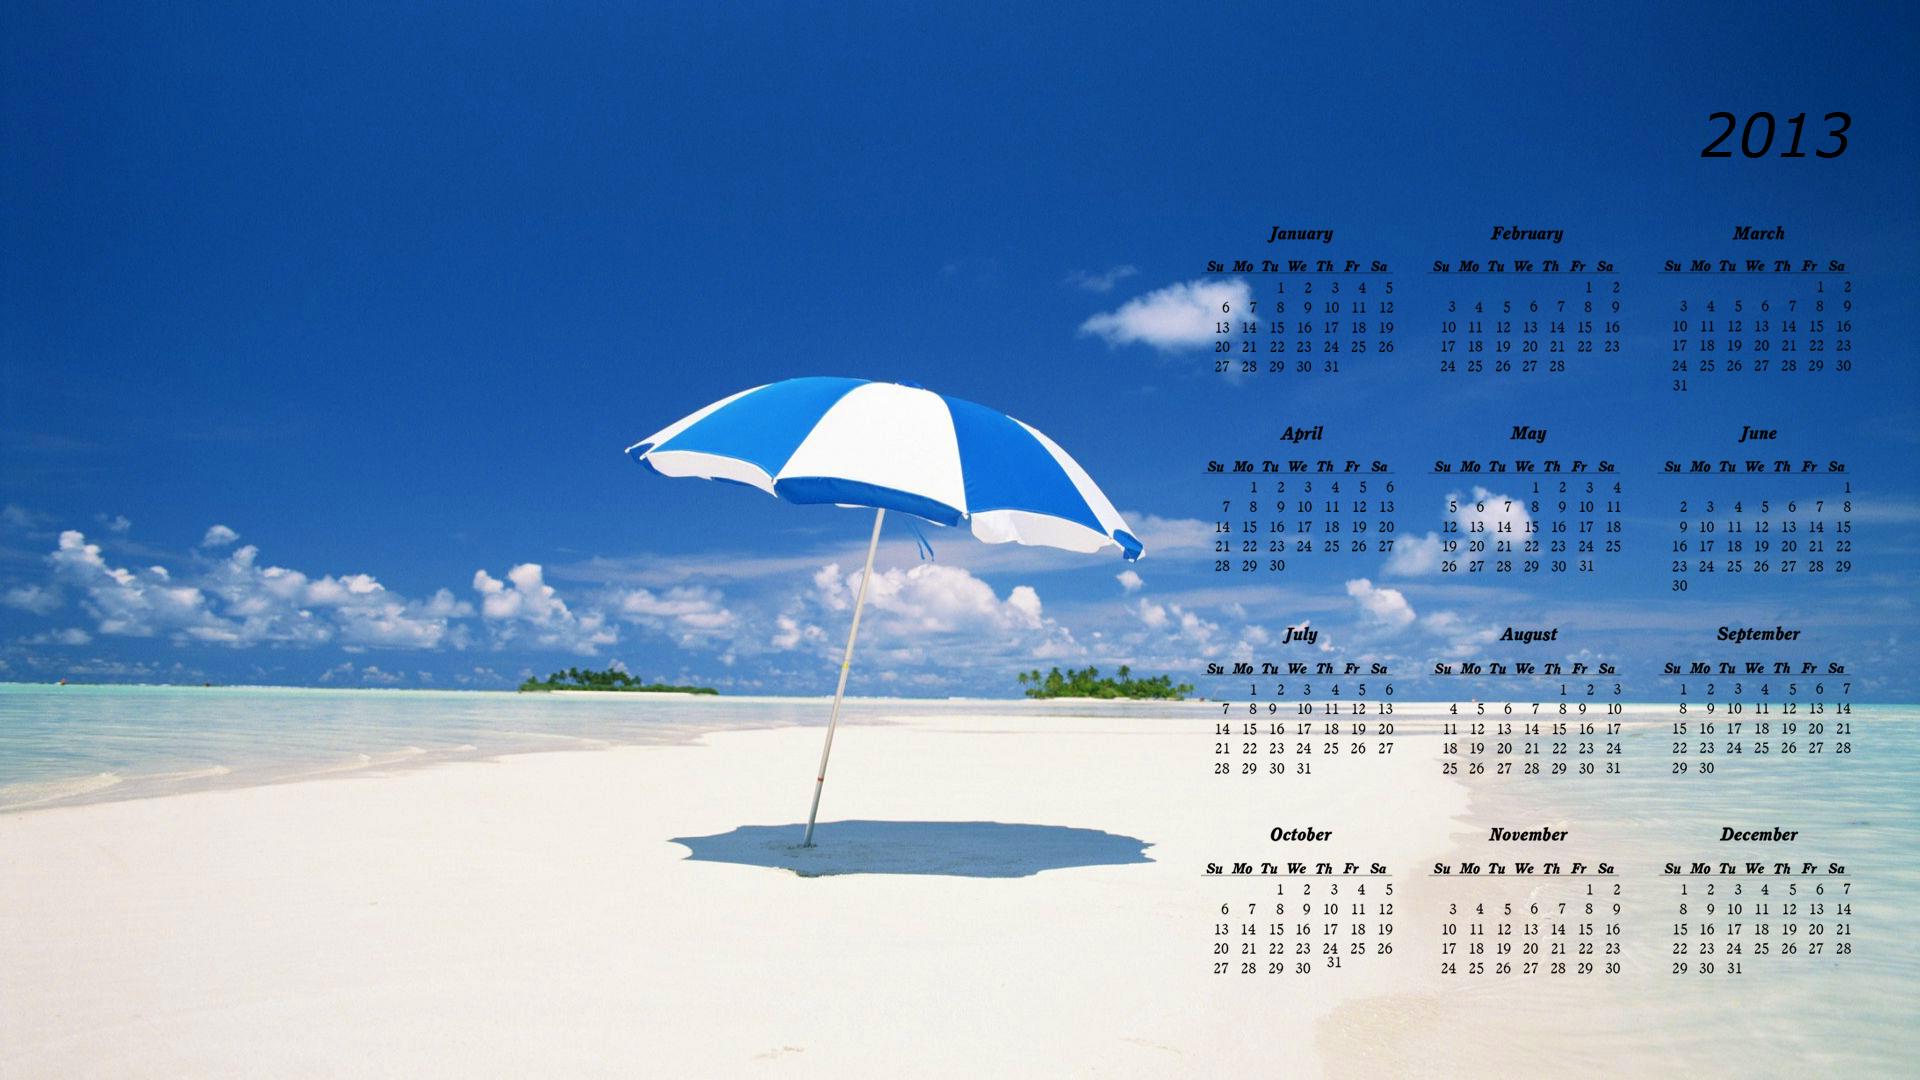 New Year 2013 Calendar Desktop HD Wallpapers 1920x1080